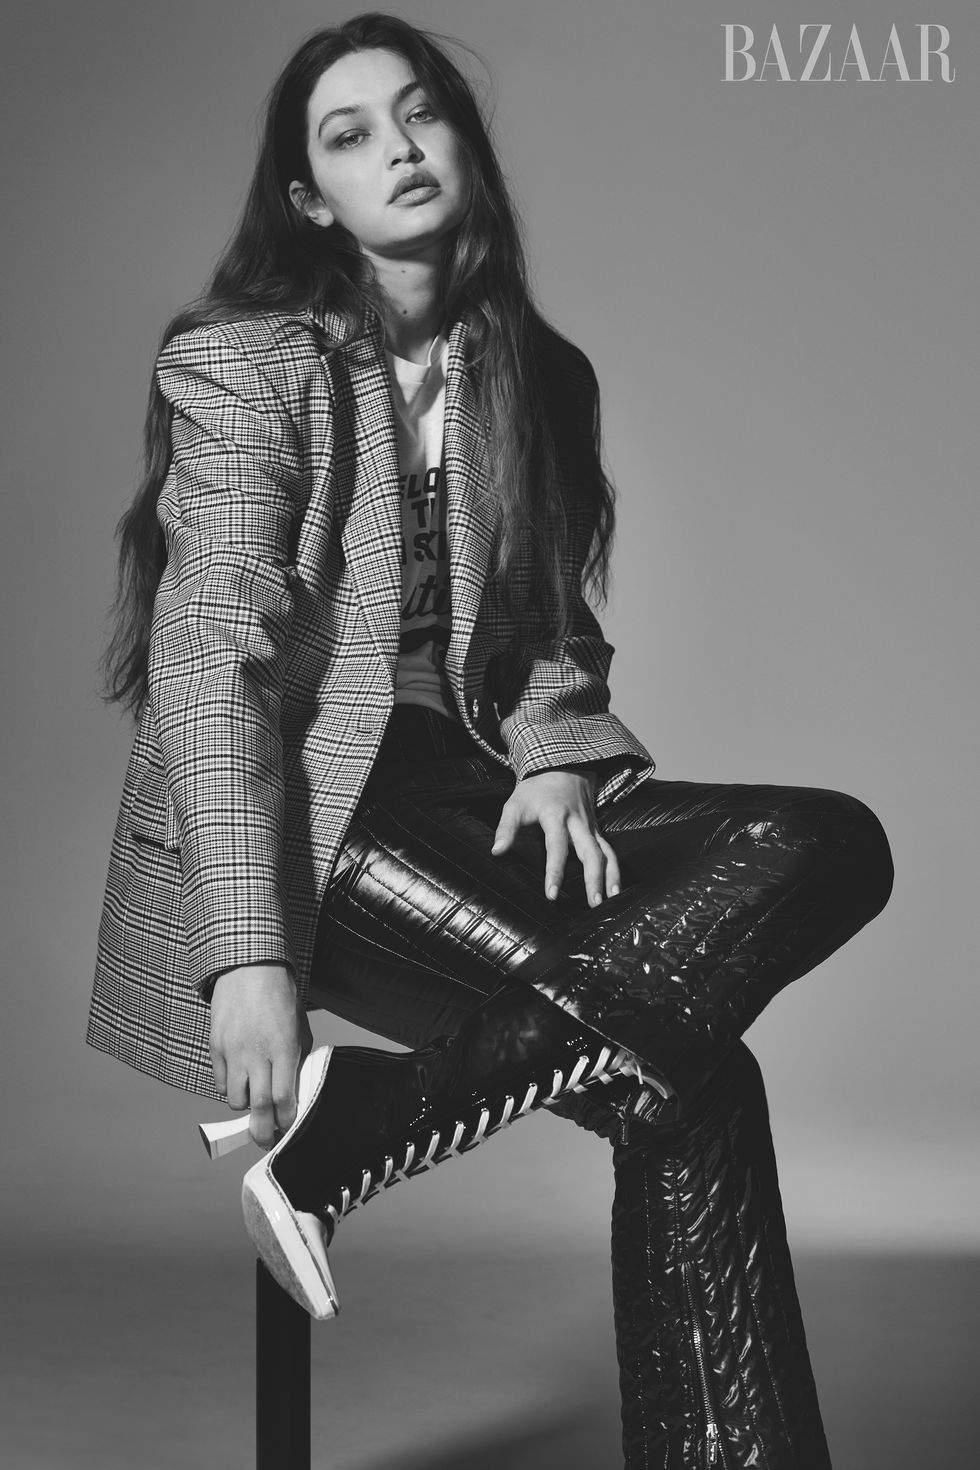 Без макияжа и в мужских образах: Джиджи Хадид снялась в необычной фотосессии для глянца - фото №5